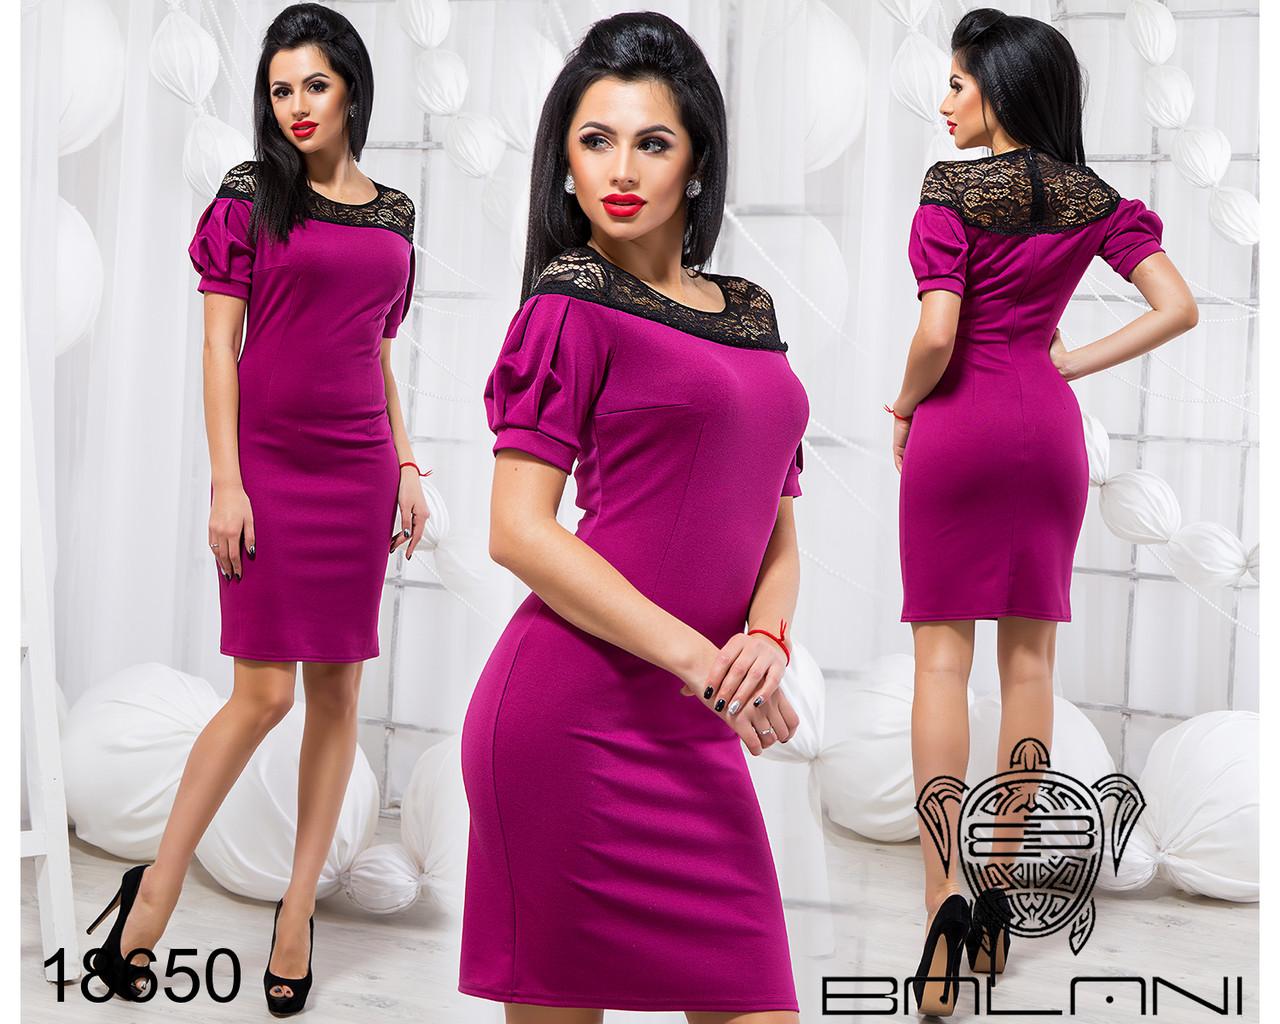 Стильное облегающее платье - 18650 фиолетовый/S